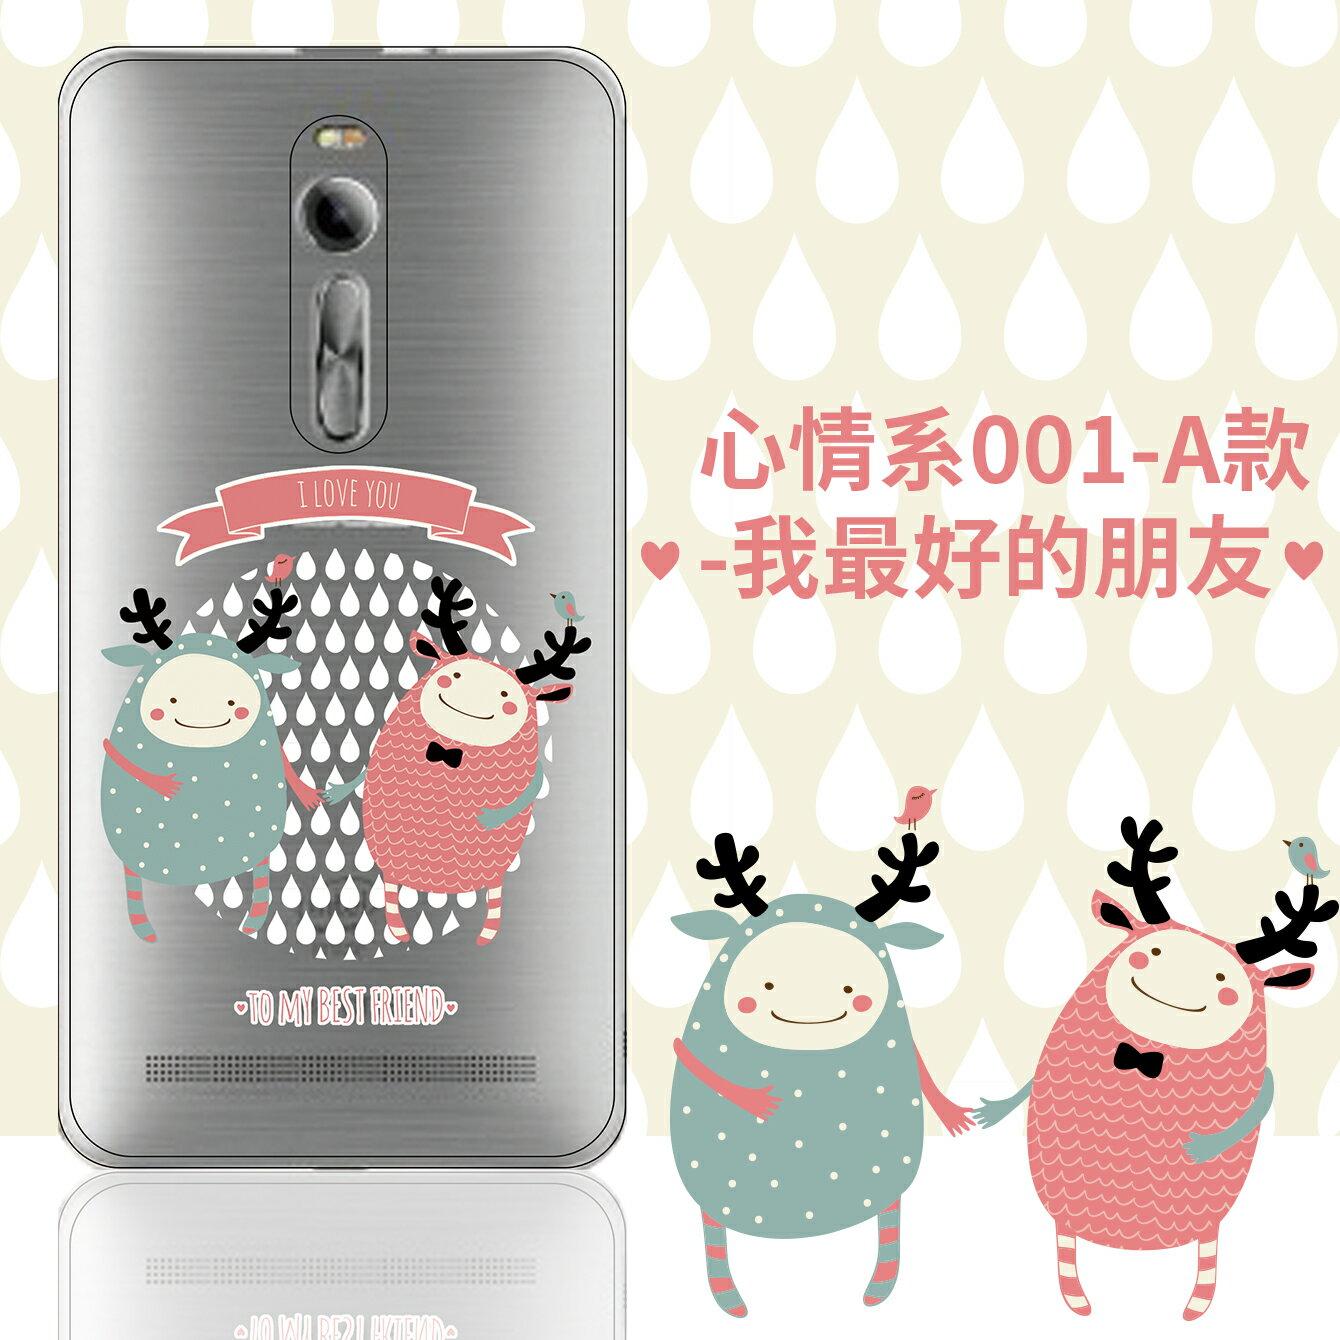 [ASUS] ✨ 心情系透明軟殼 ✨ 日本工藝超精細[ZenFone2 Selfie,ZenFone2 go,ZenFone2 5吋,ZenFone2 5.5吋,ZenFone2 Laser 5吋,ZenFone2 Laser 5.5吋,ZenFone2 Laser 6吋,ZenFone6]